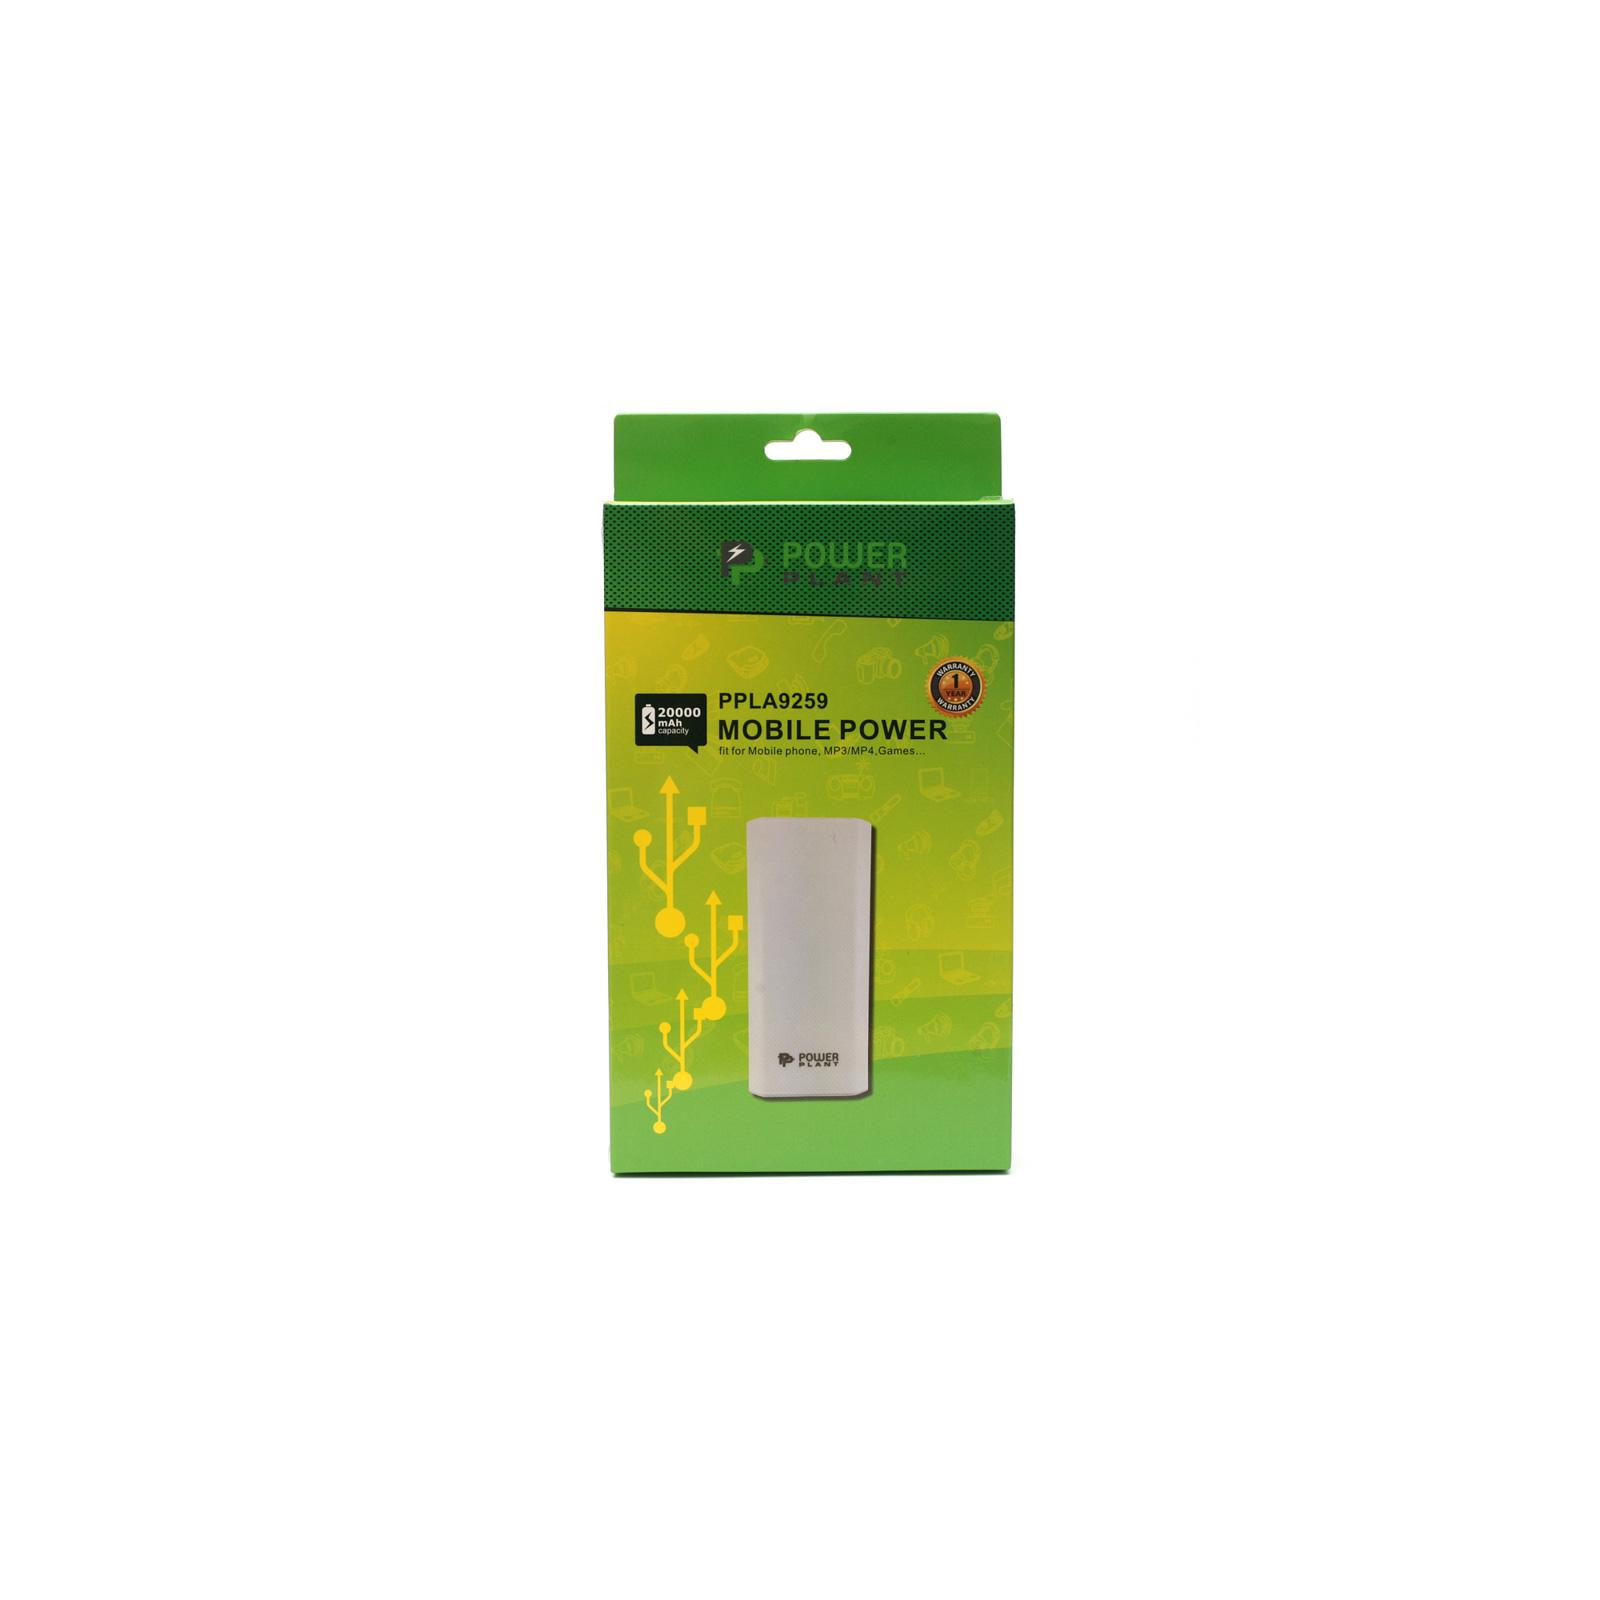 Батарея универсальная PowerPlant PB-LA9259 20000mAh 2*USB/1A 1*USB/2A (PPLA9259) изображение 6